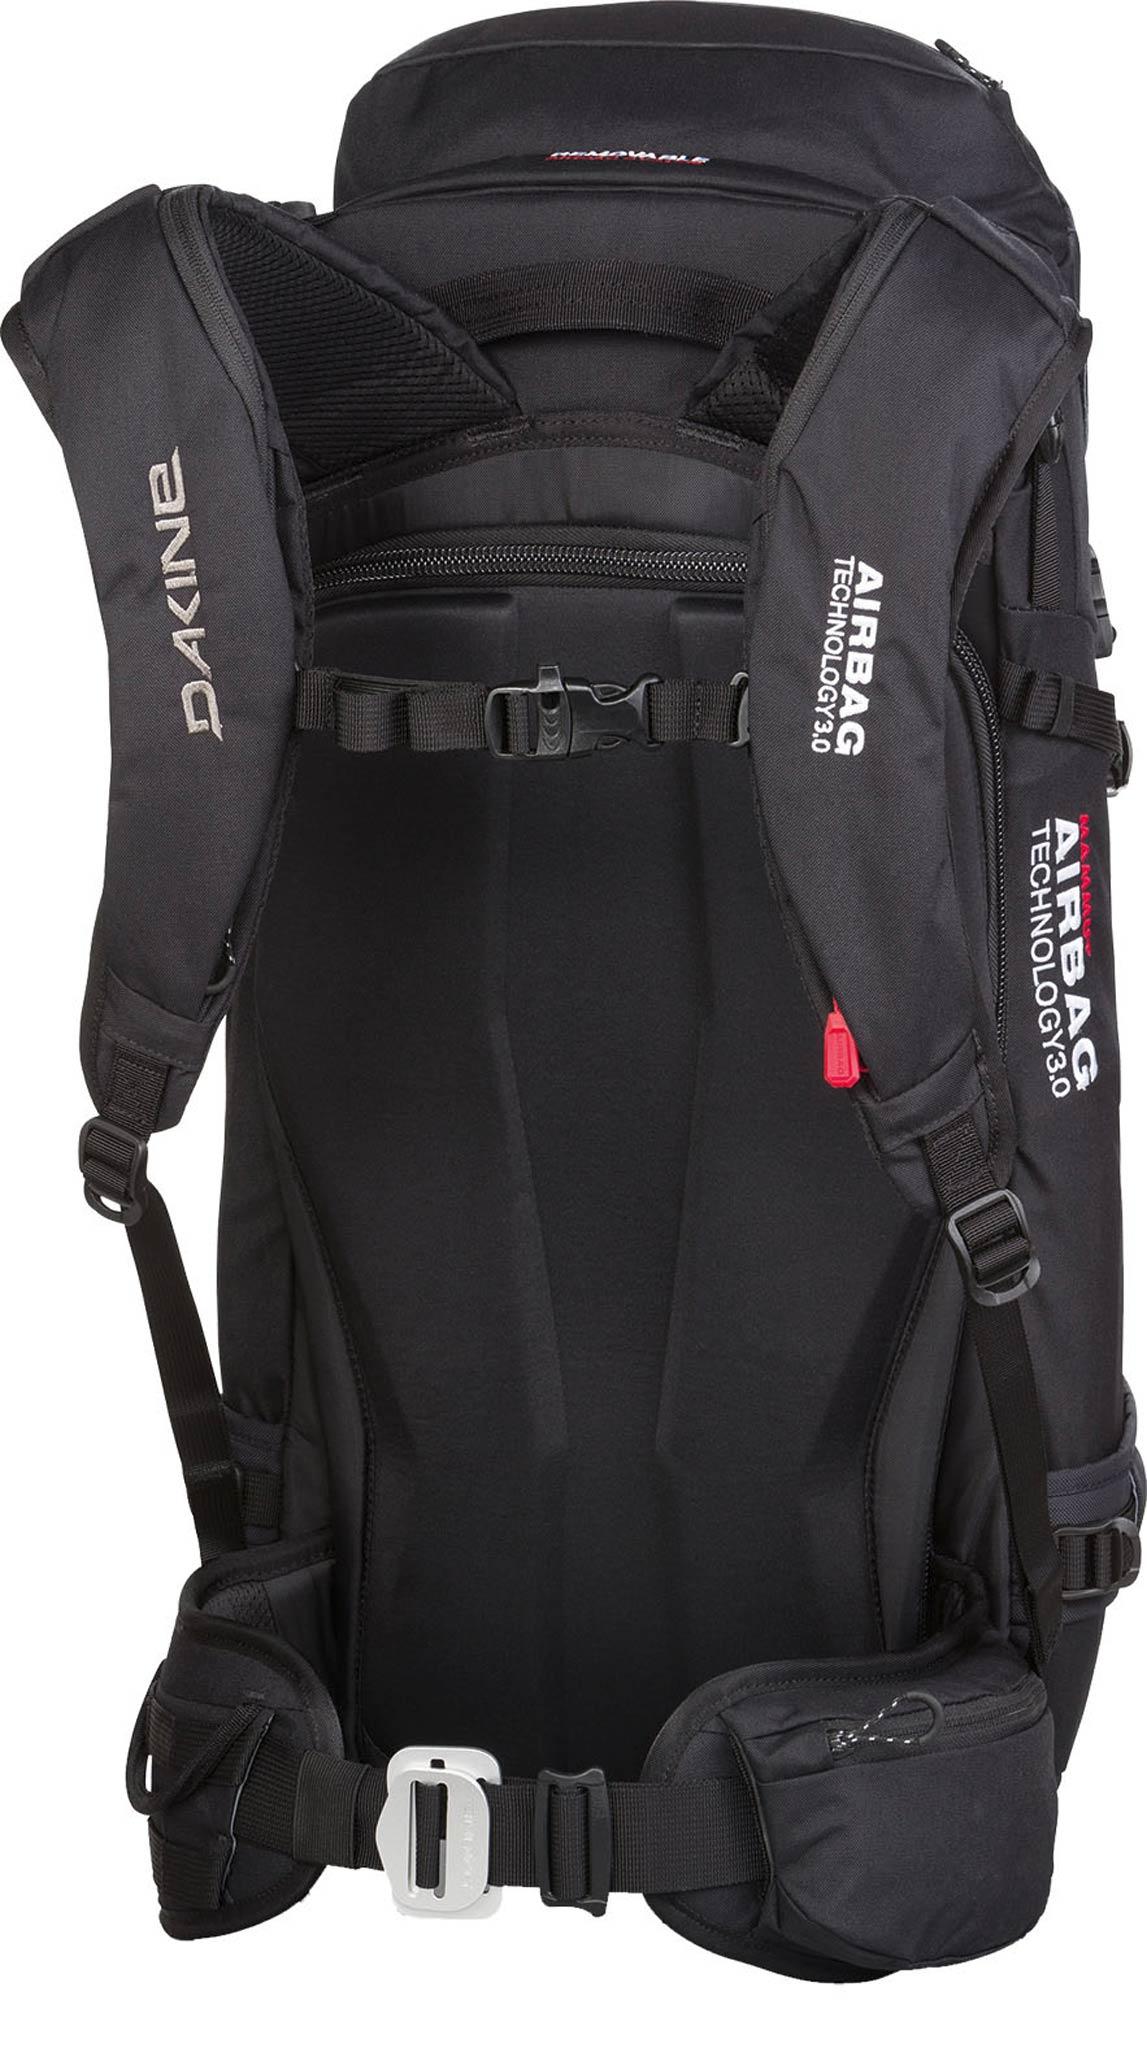 Dakine: Poacher R.A.S. 42 L 18/19: In der großen Deckeltasche findet sich viel Platz für alles, was schnell oder immer wie der benötigt wird, für die Taschen der Outerwear aber zu sperrig ist.